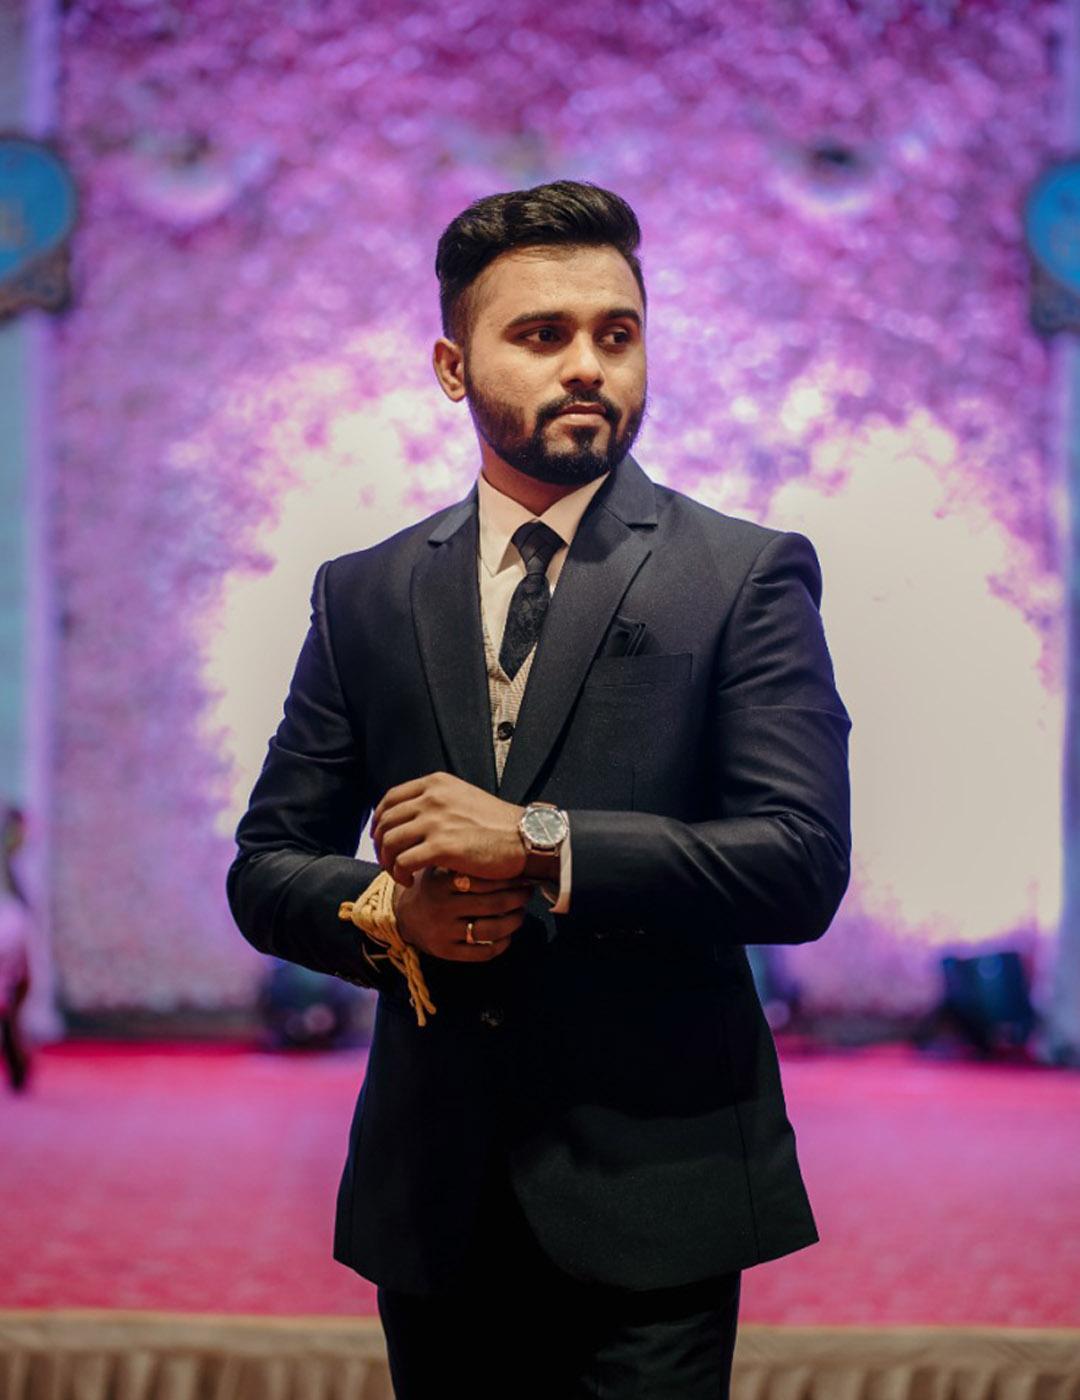 Manav Ethnic Happy Customer wearing Suit